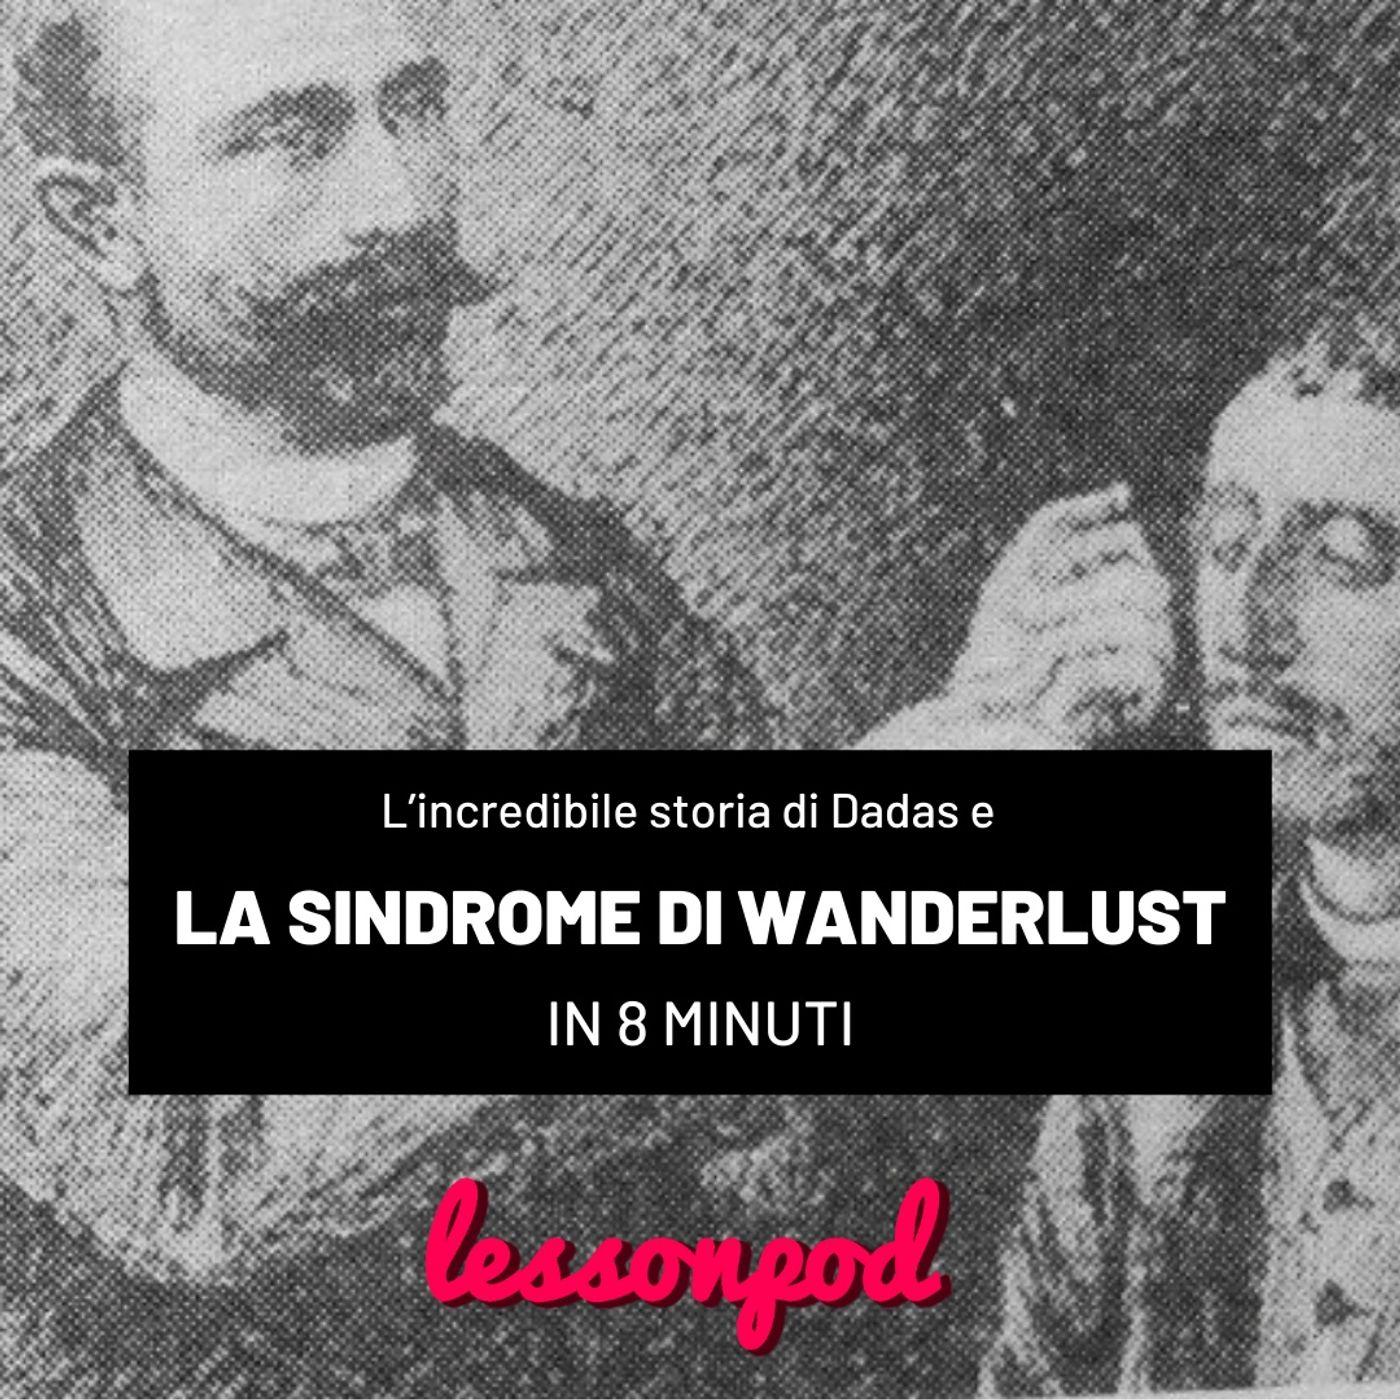 La storia di Dadas e la sindrome di Wanderlust in 8 minuti